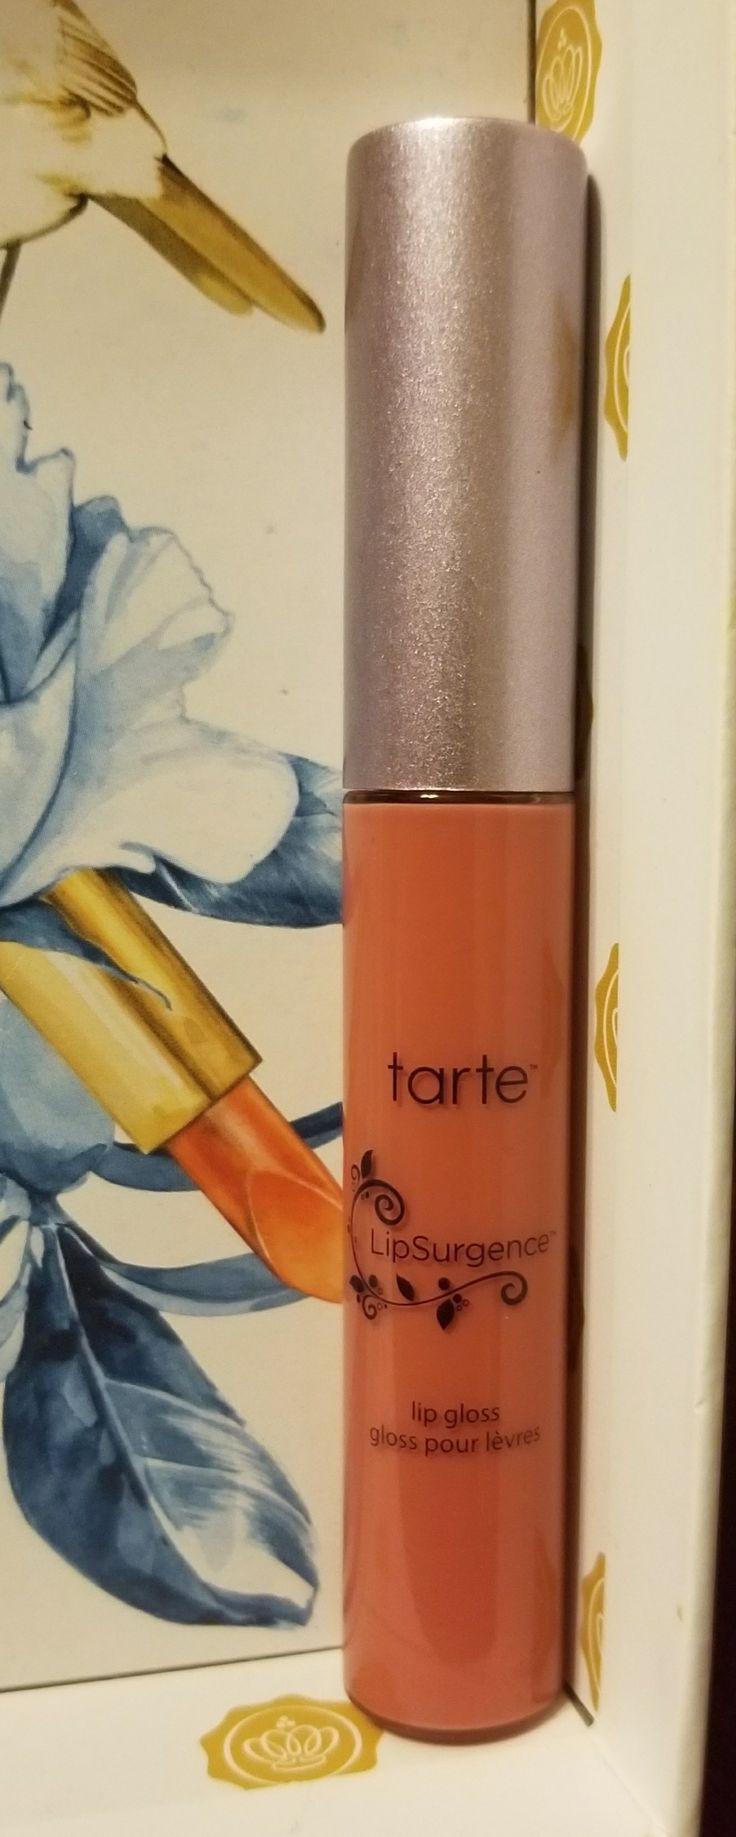 Swatched Tarte Lipsurgence Lip Gloss.